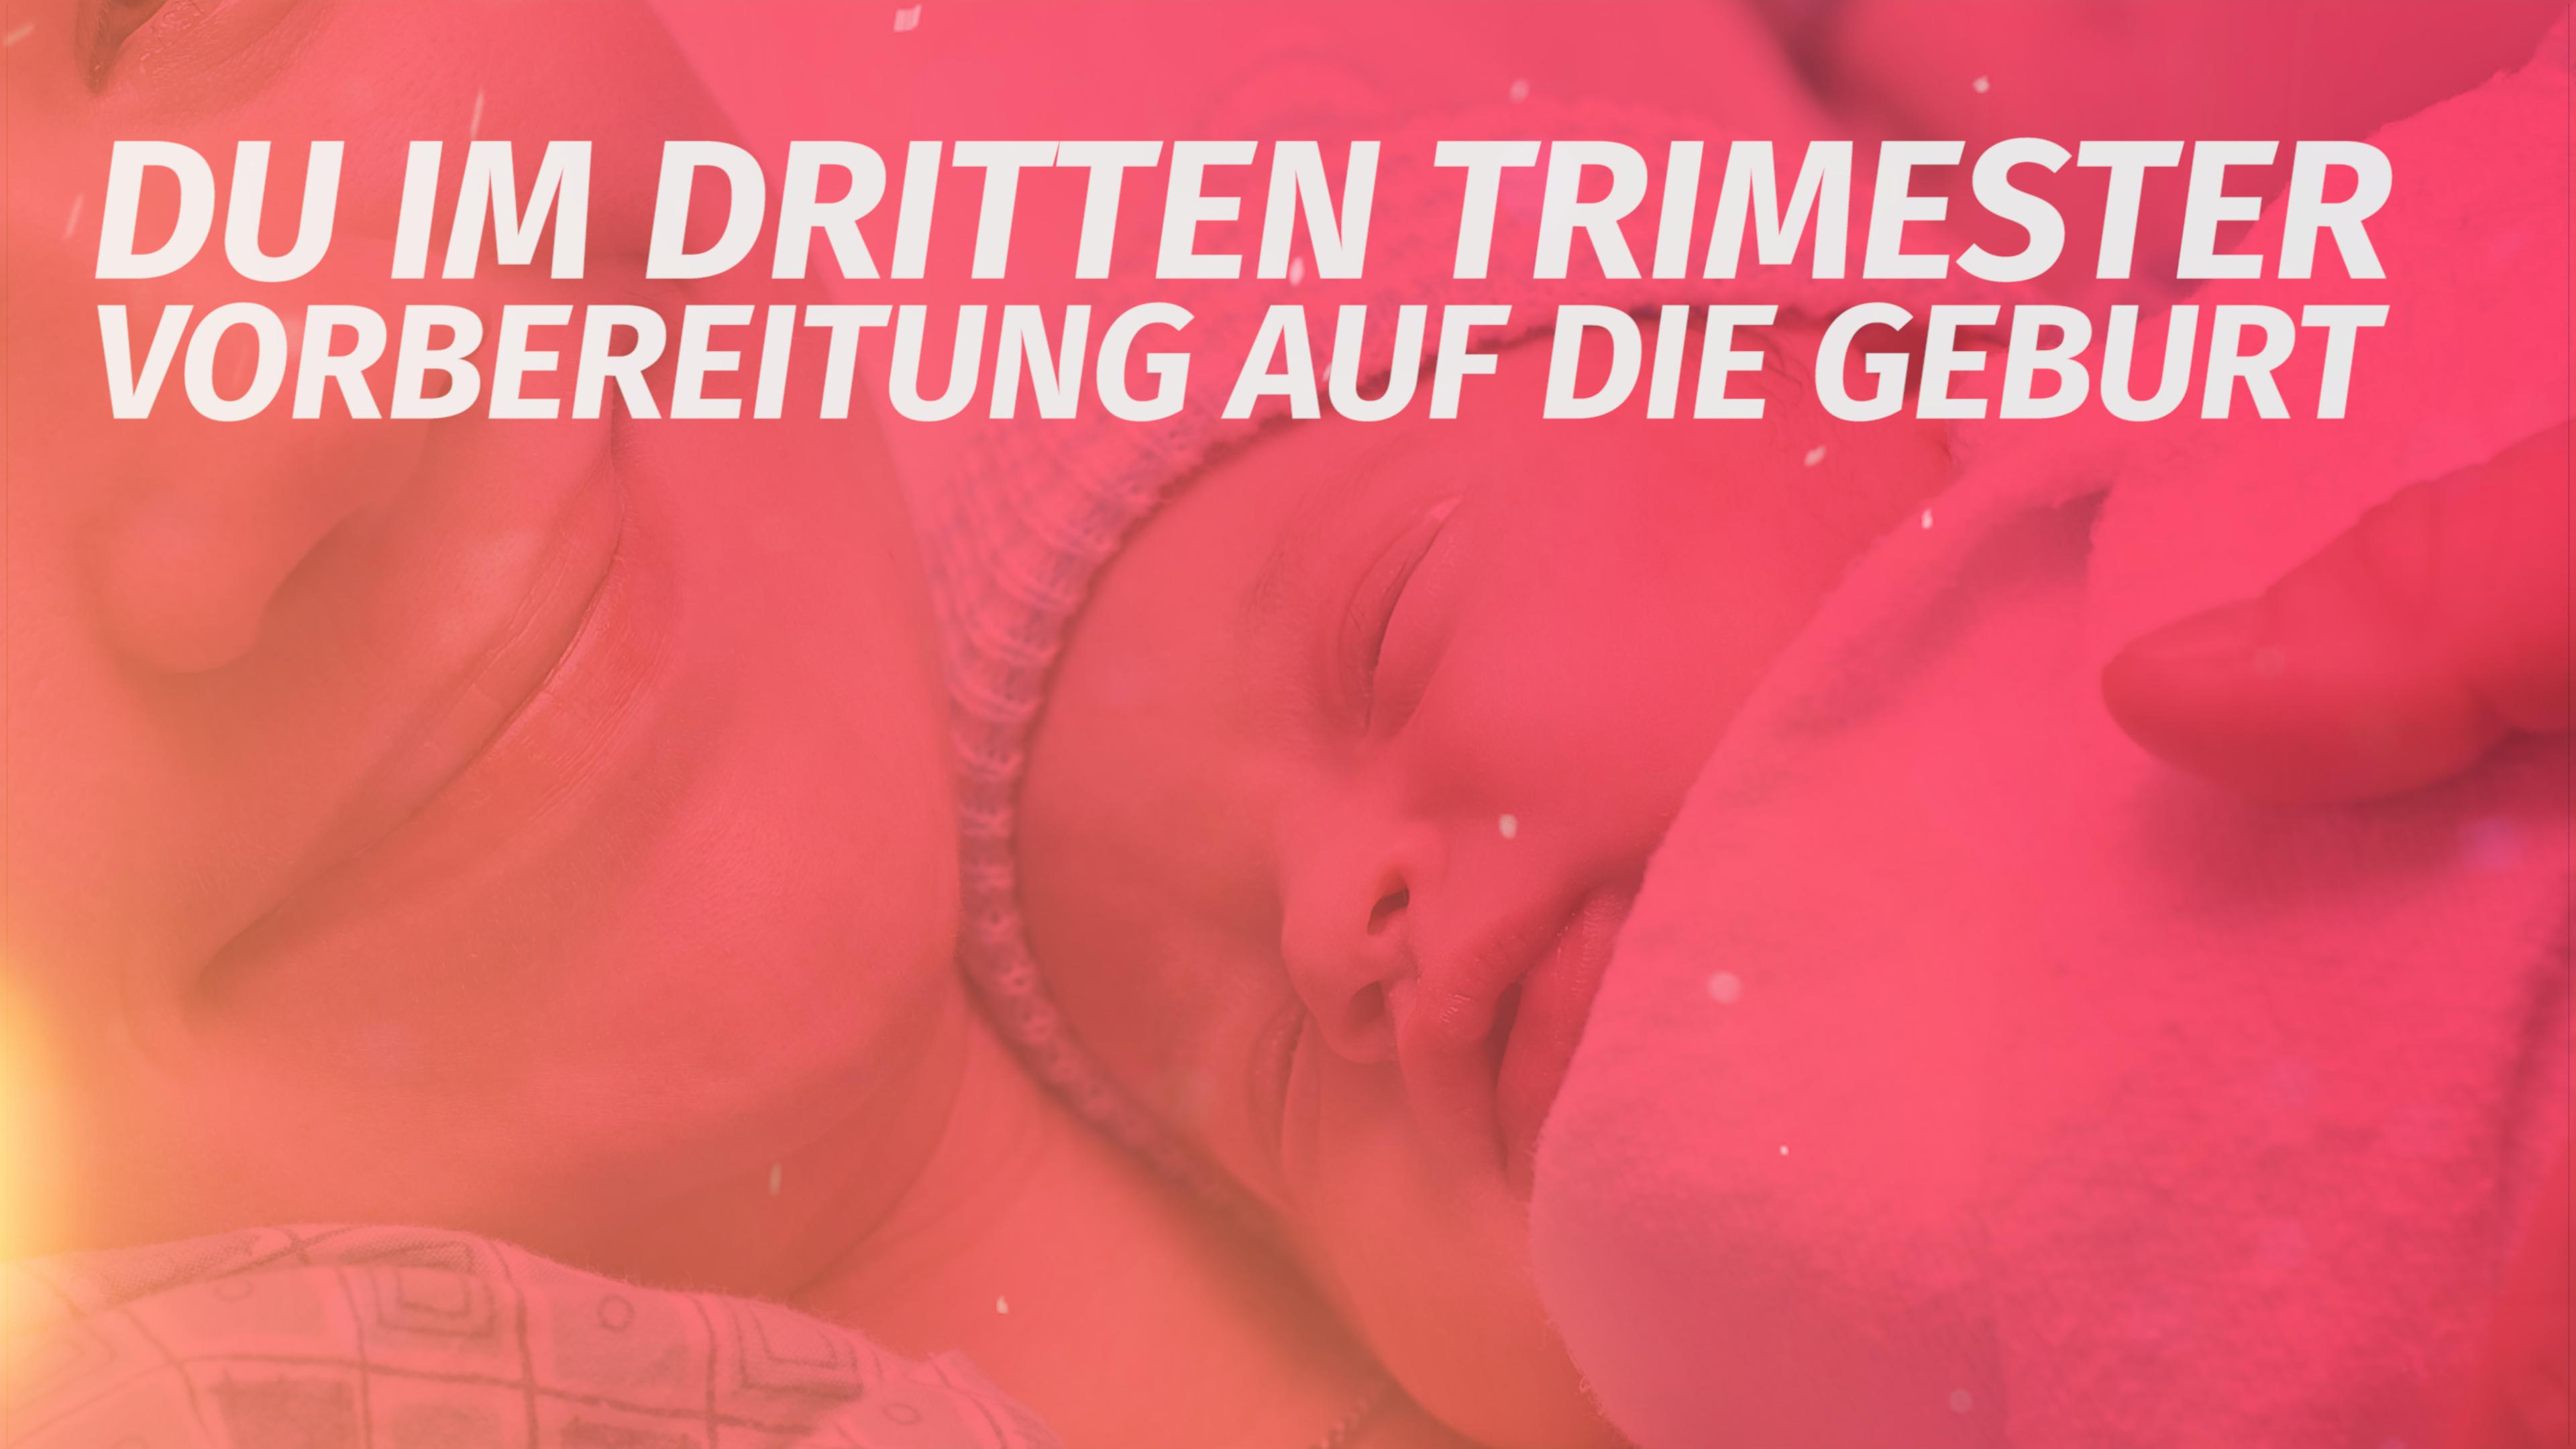 Am muttermund ssw schmerzen 31 Weicher Muttermund